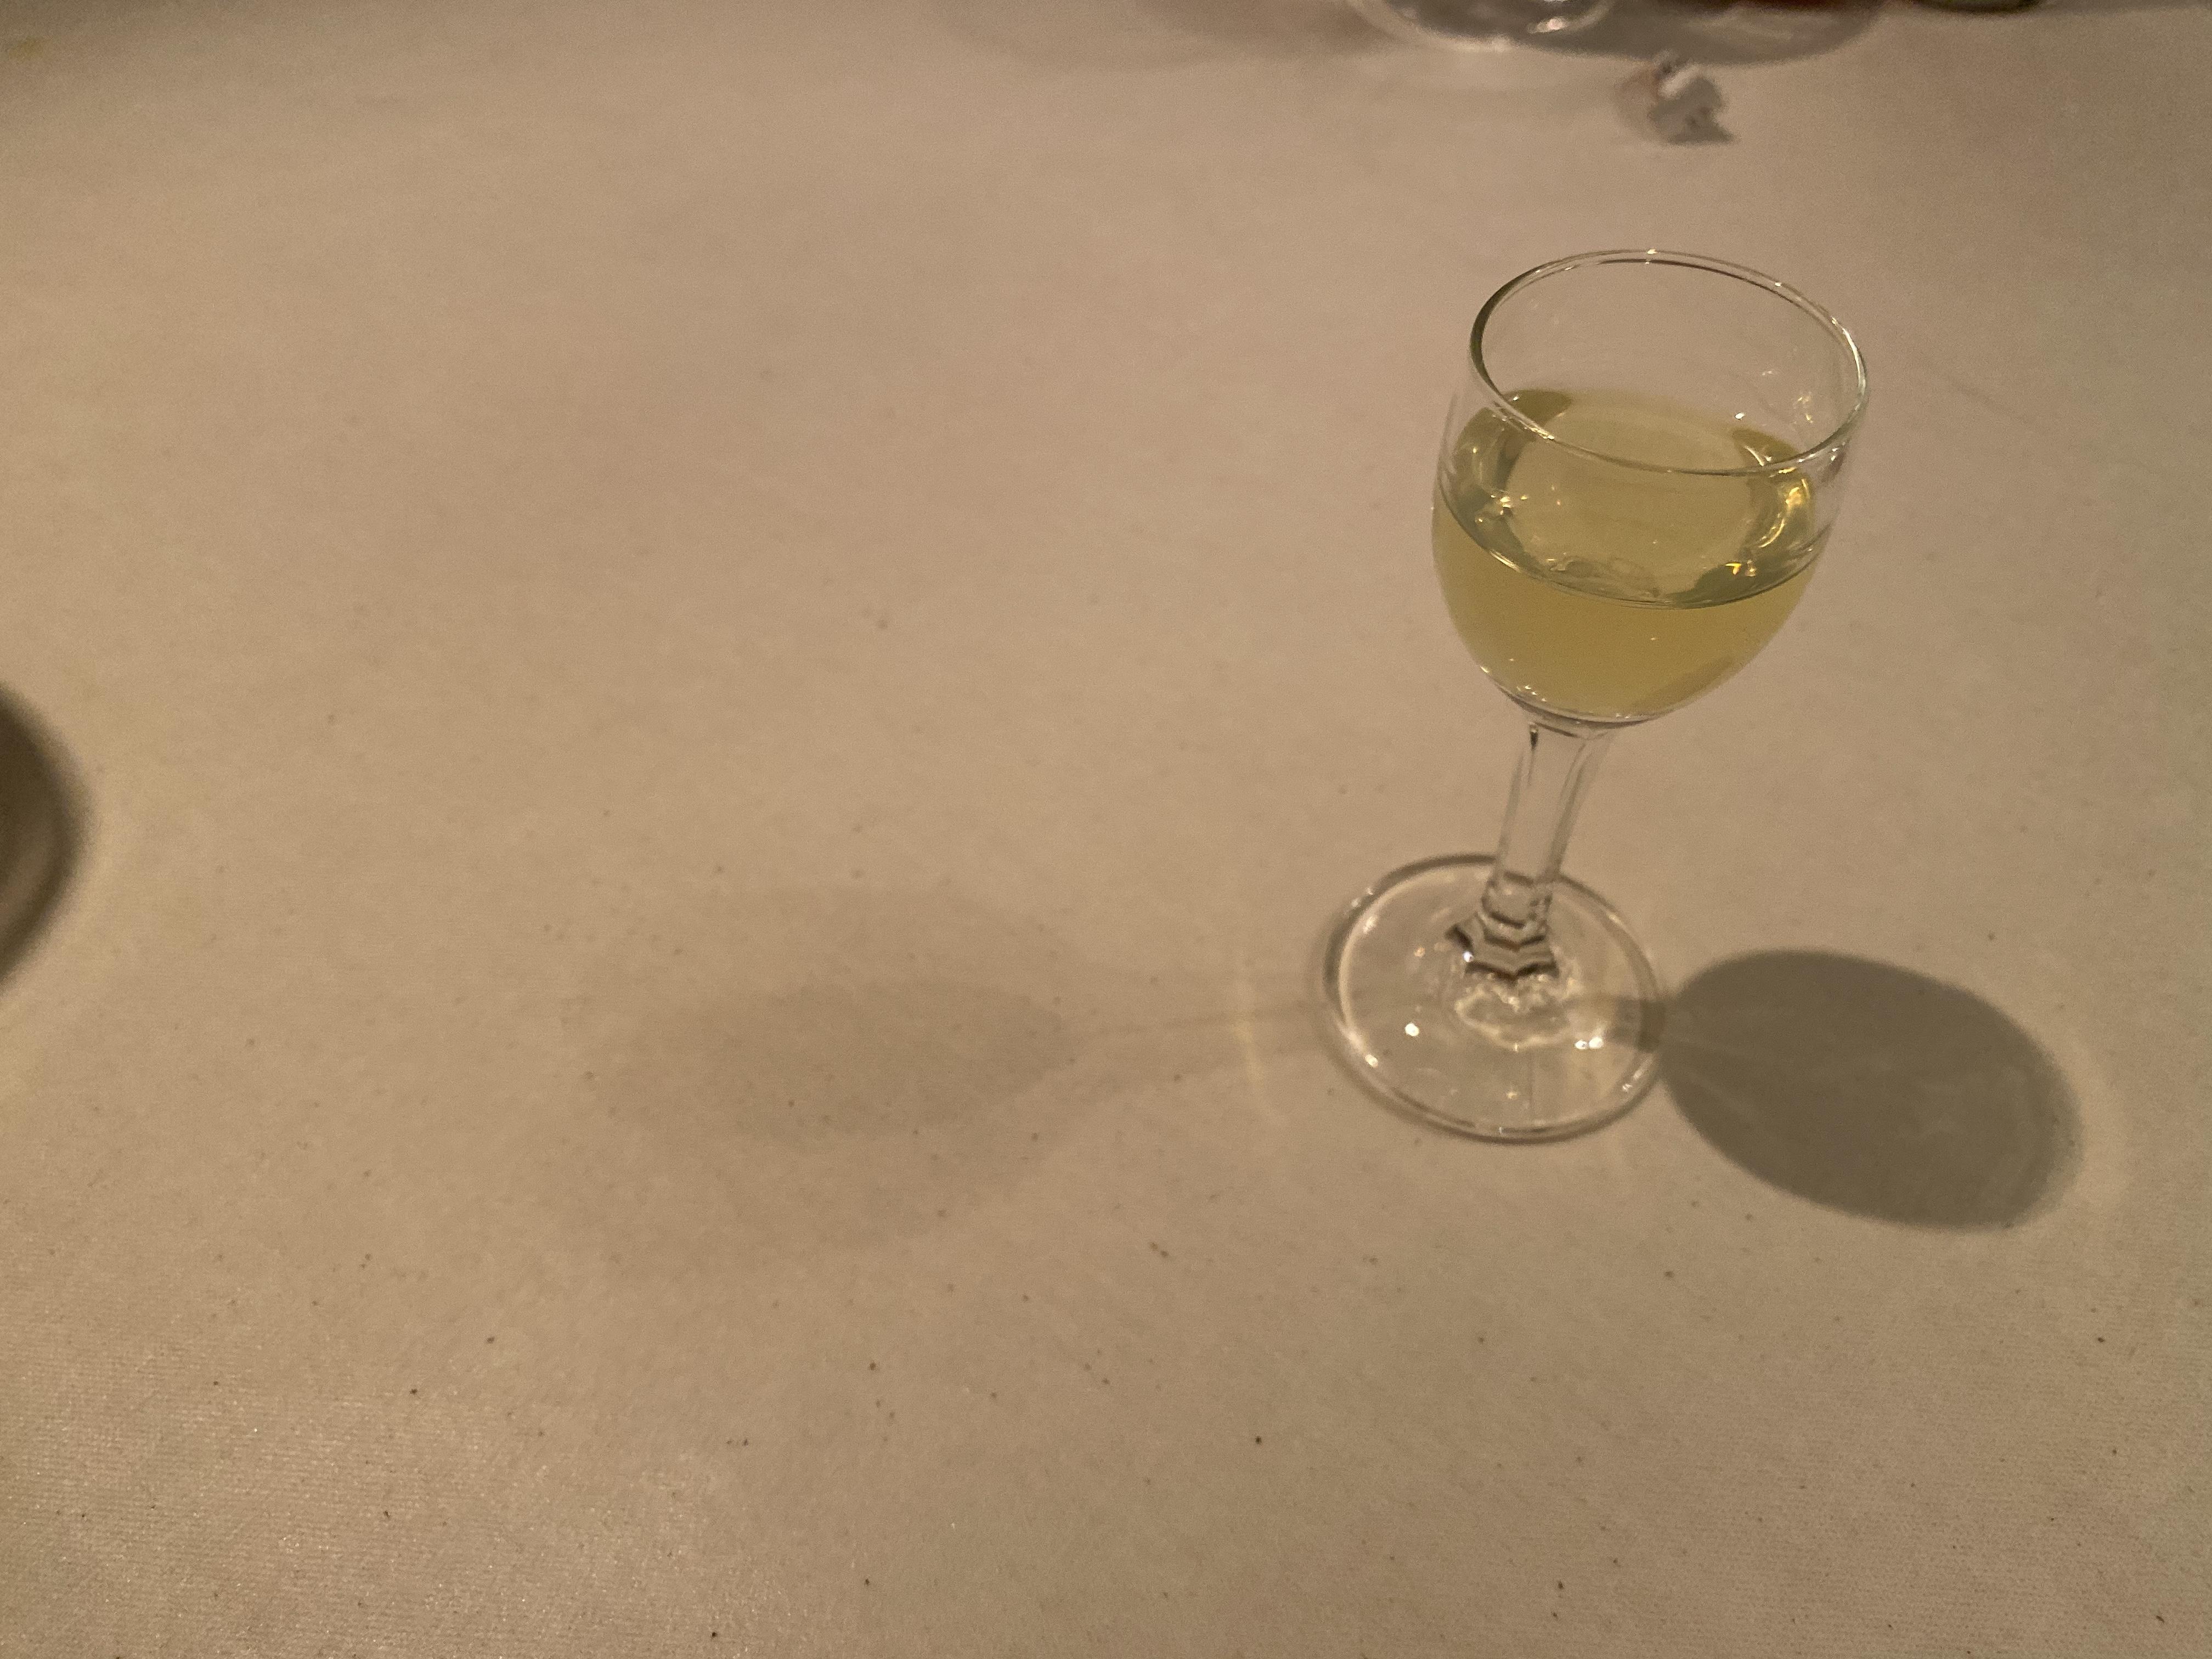 食後酒。リモンチェッロ。六本木にあるガット・ネーロのディナーコース